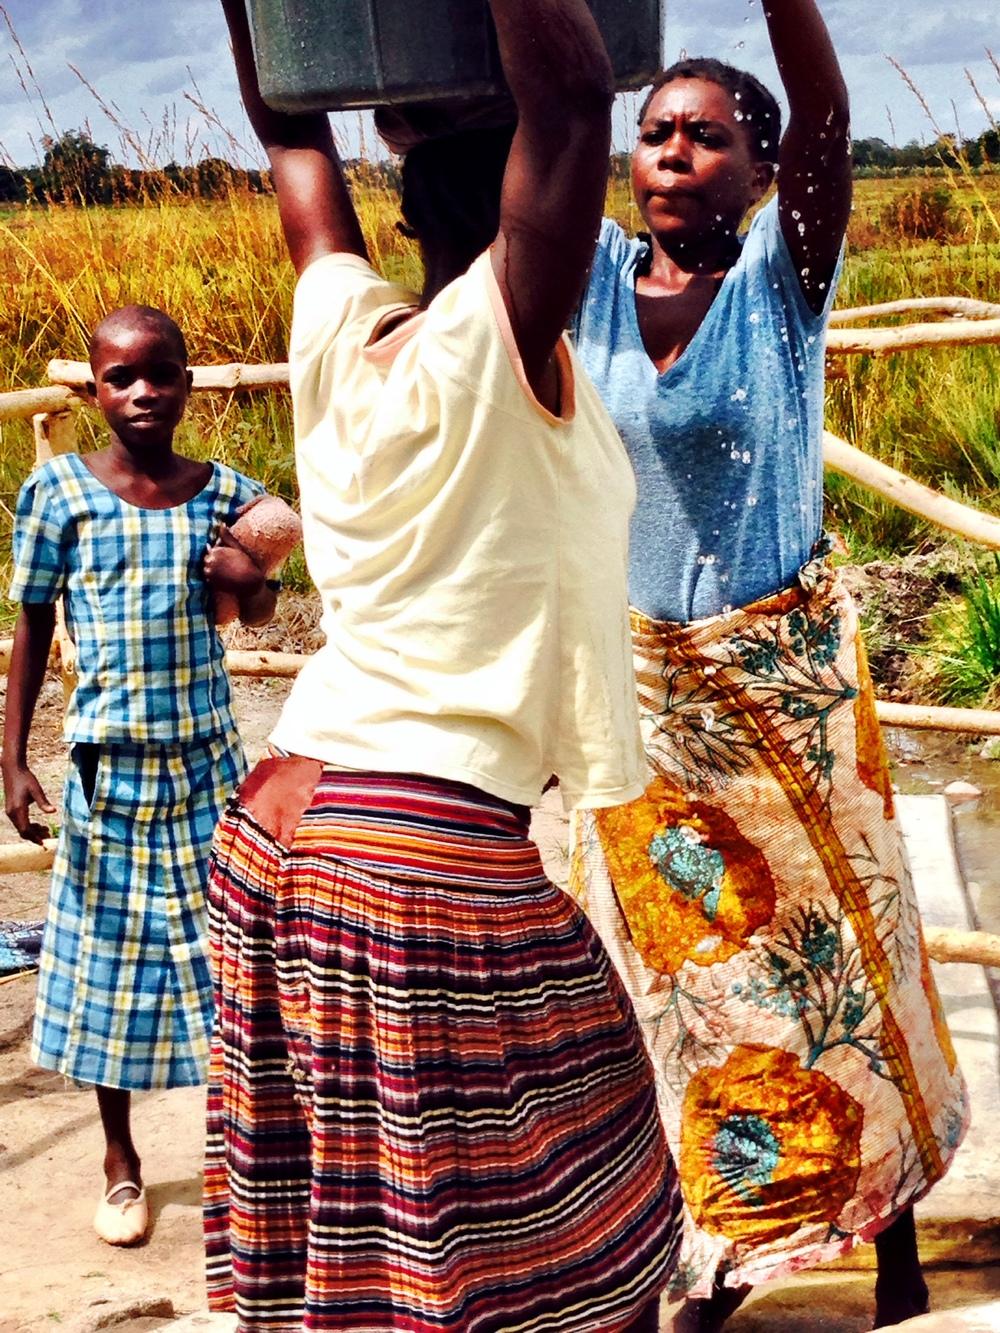 Malawi, Africa (2014)